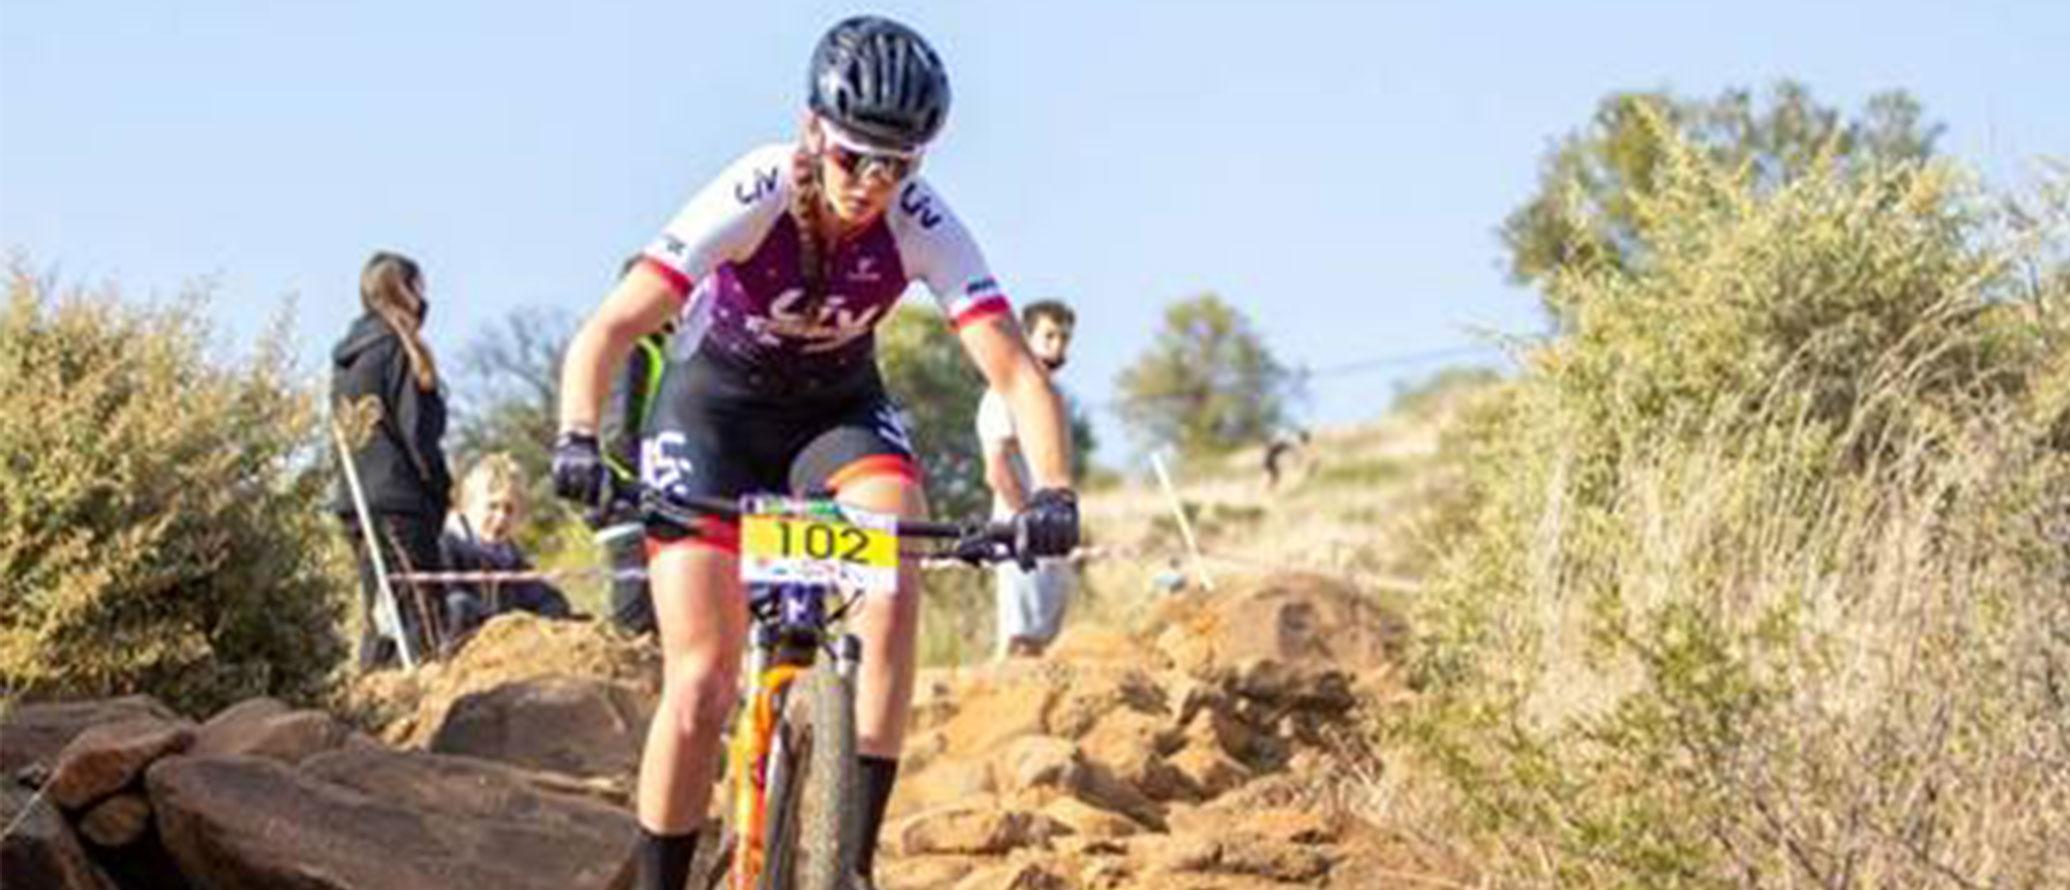 مسابقات کراس کانتری دوچرخه سواران لیو